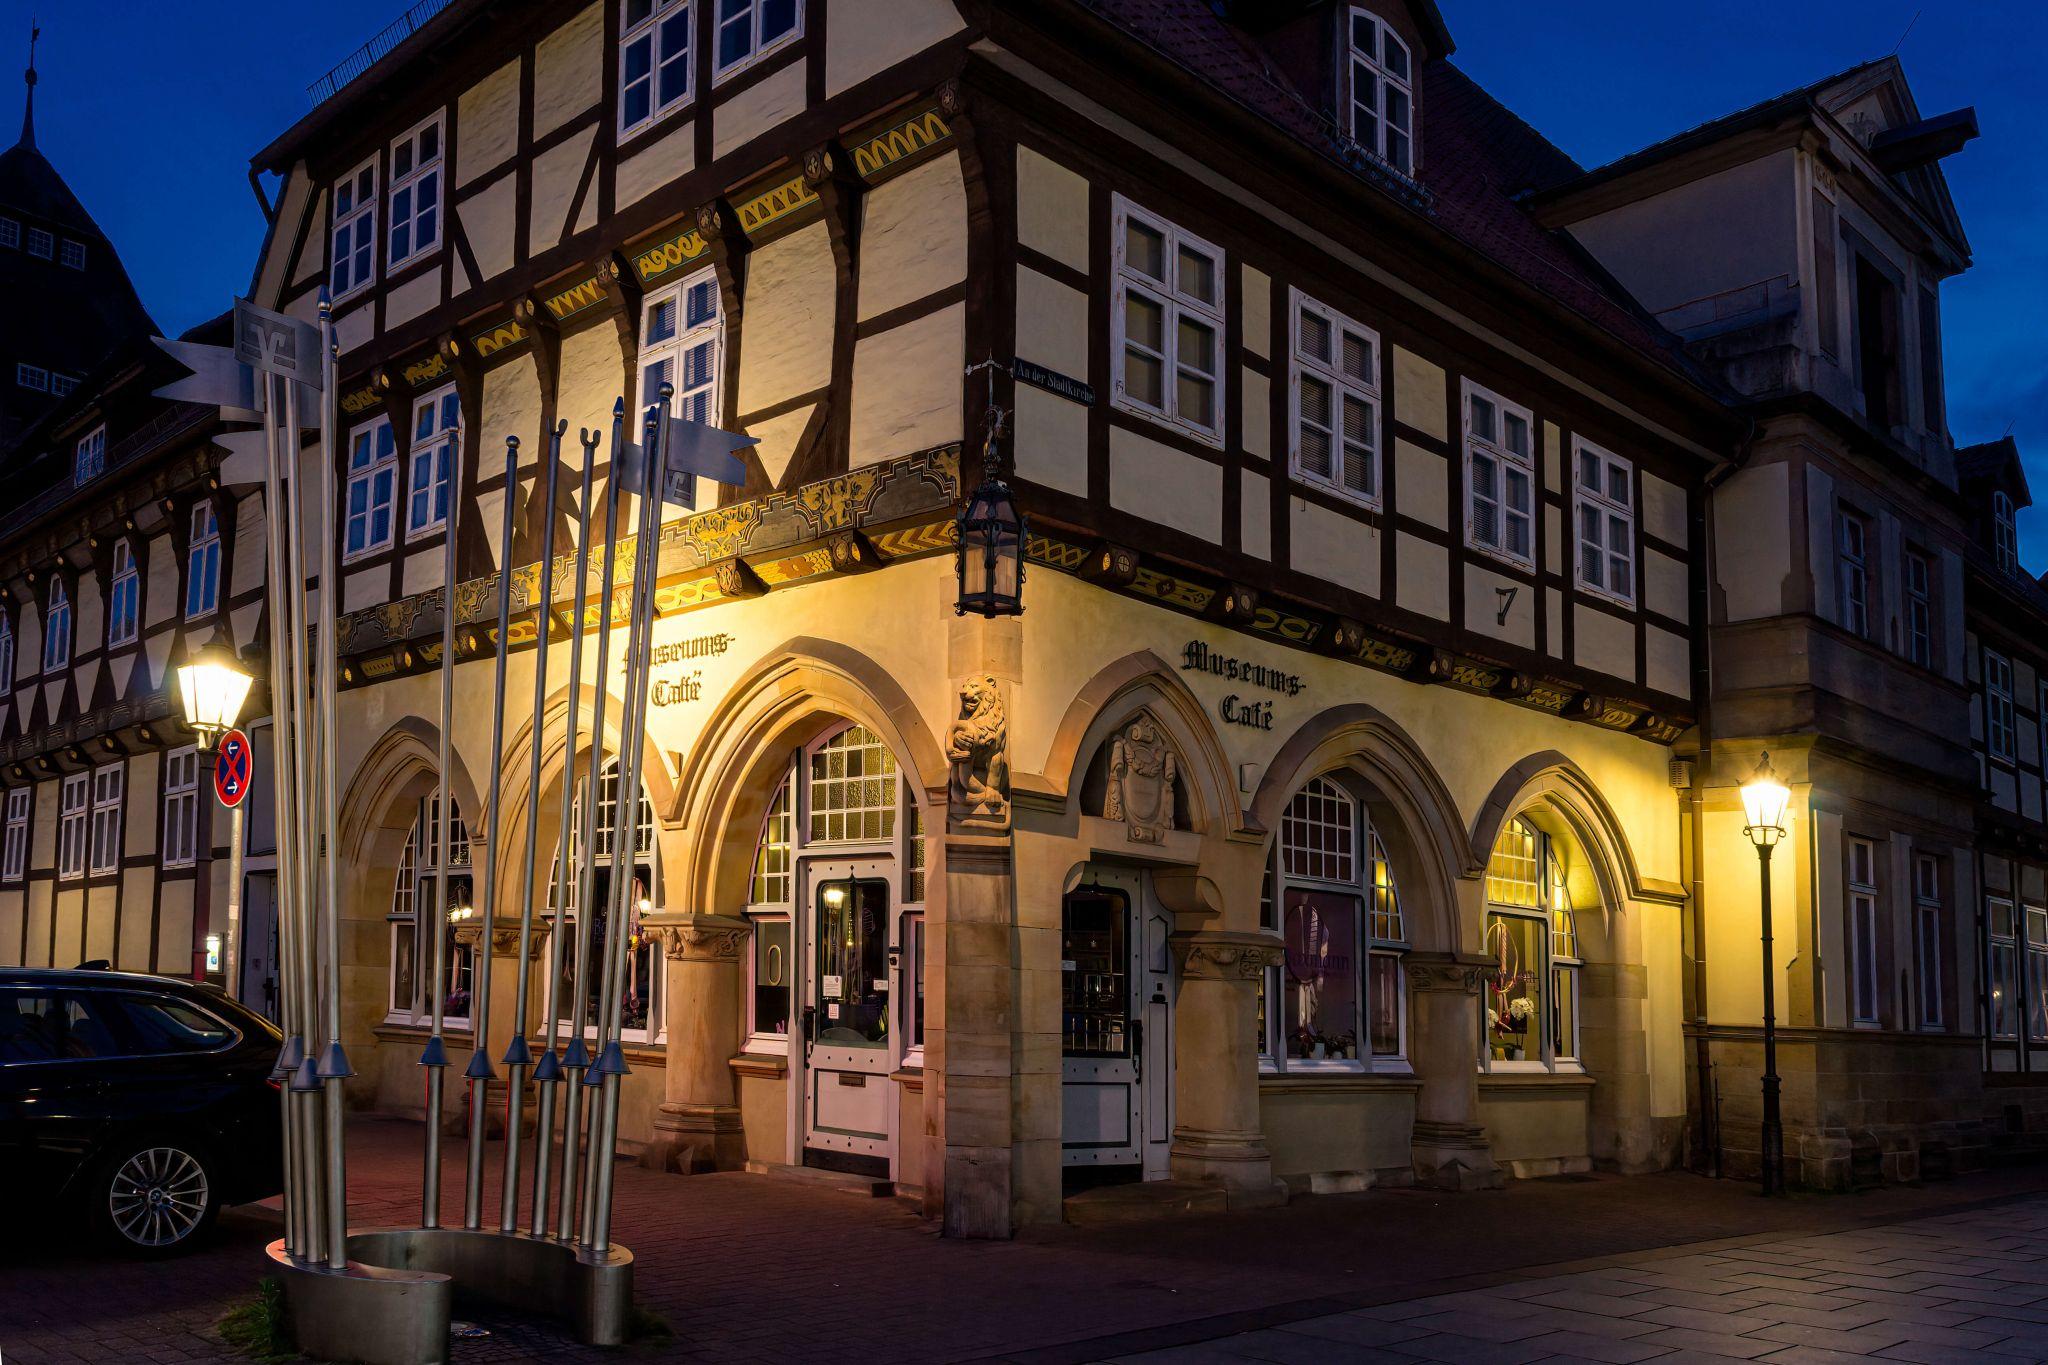 Museums-Café, Germany